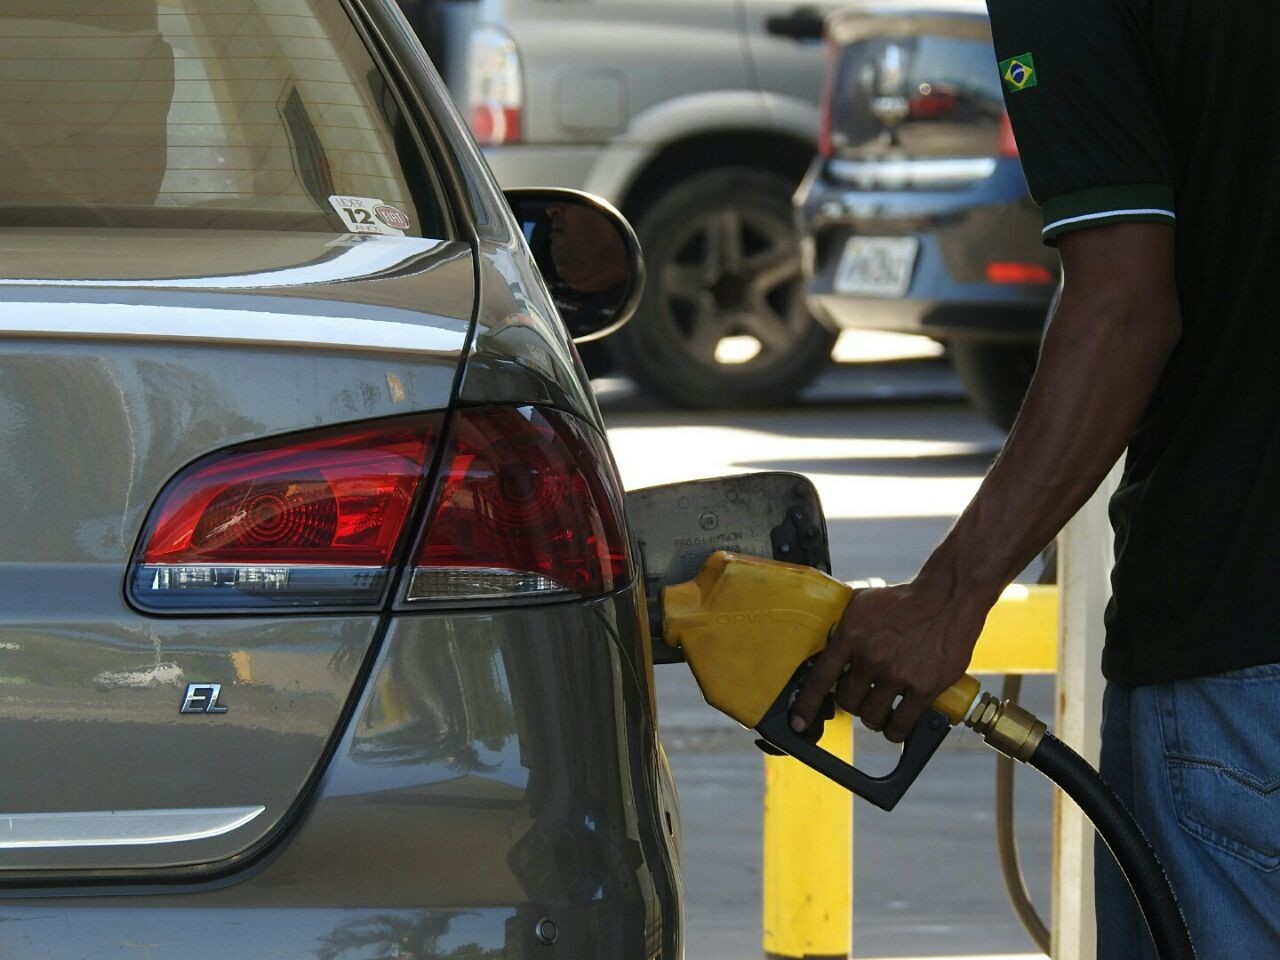 Preço da gasolina diminui e litro chega a R$ 4,79 em postos de Manaus, aponta Procon